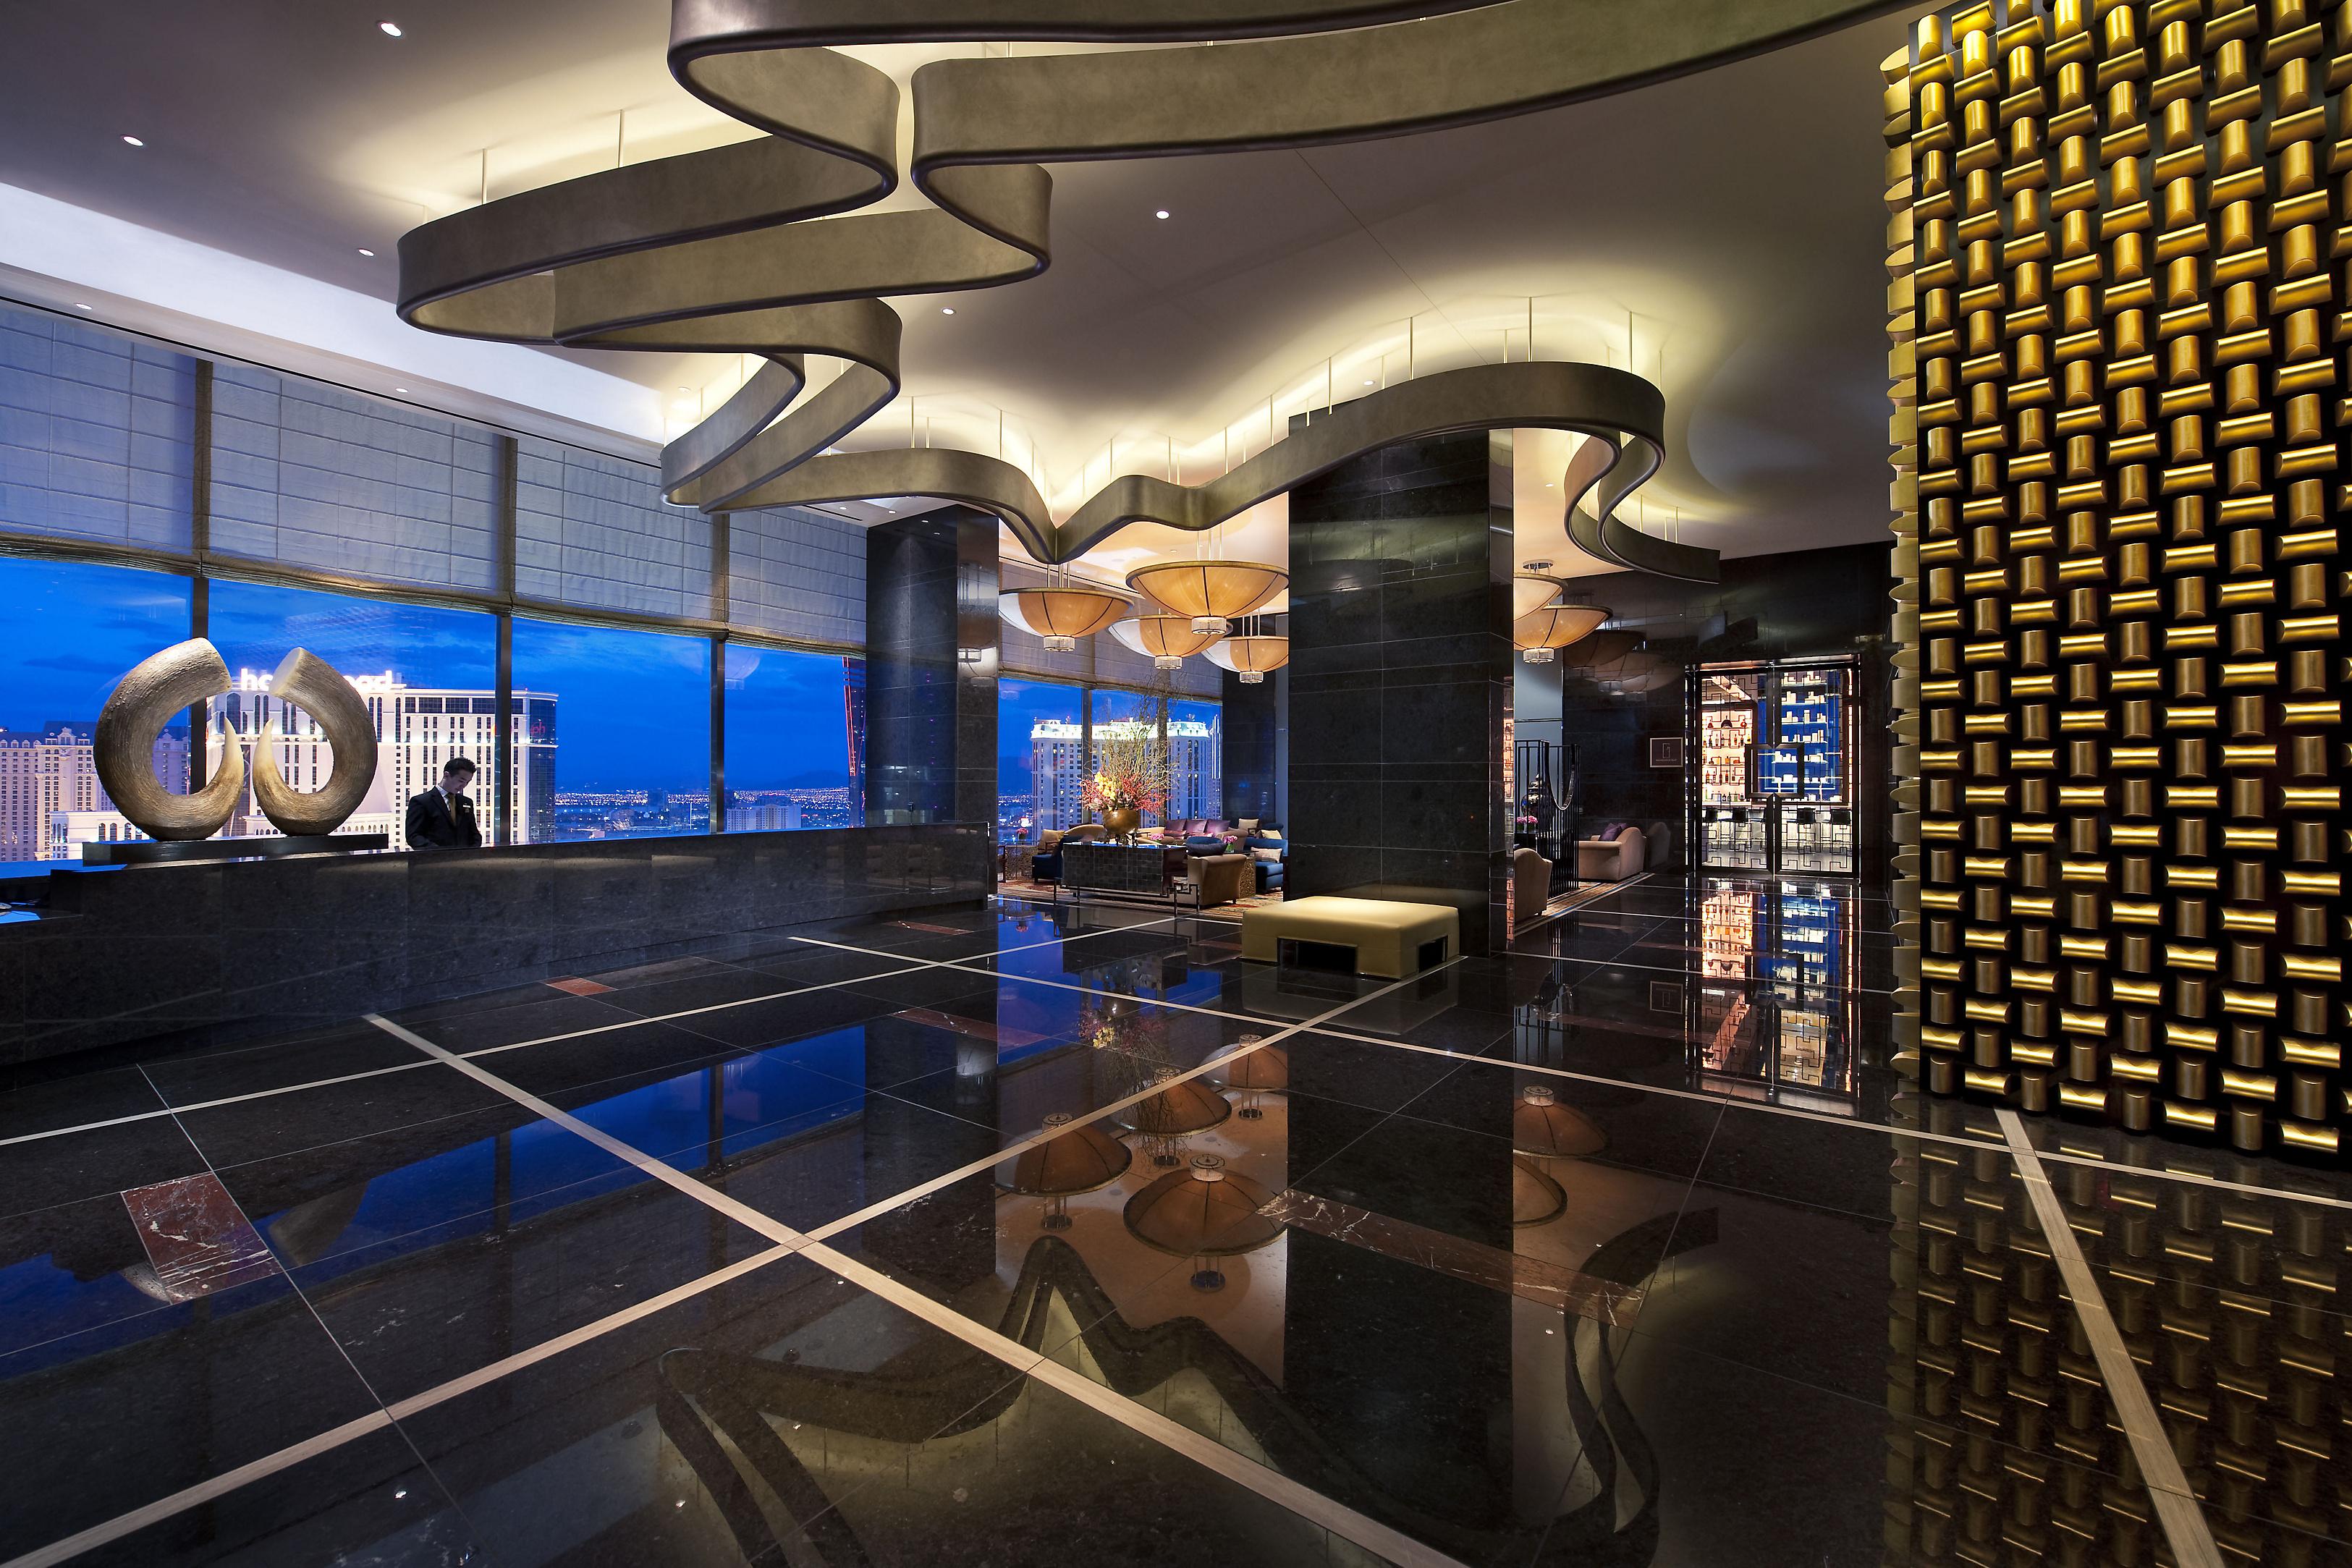 las-vegas-sky-lobby-views-dusk-1 Luxury hotel